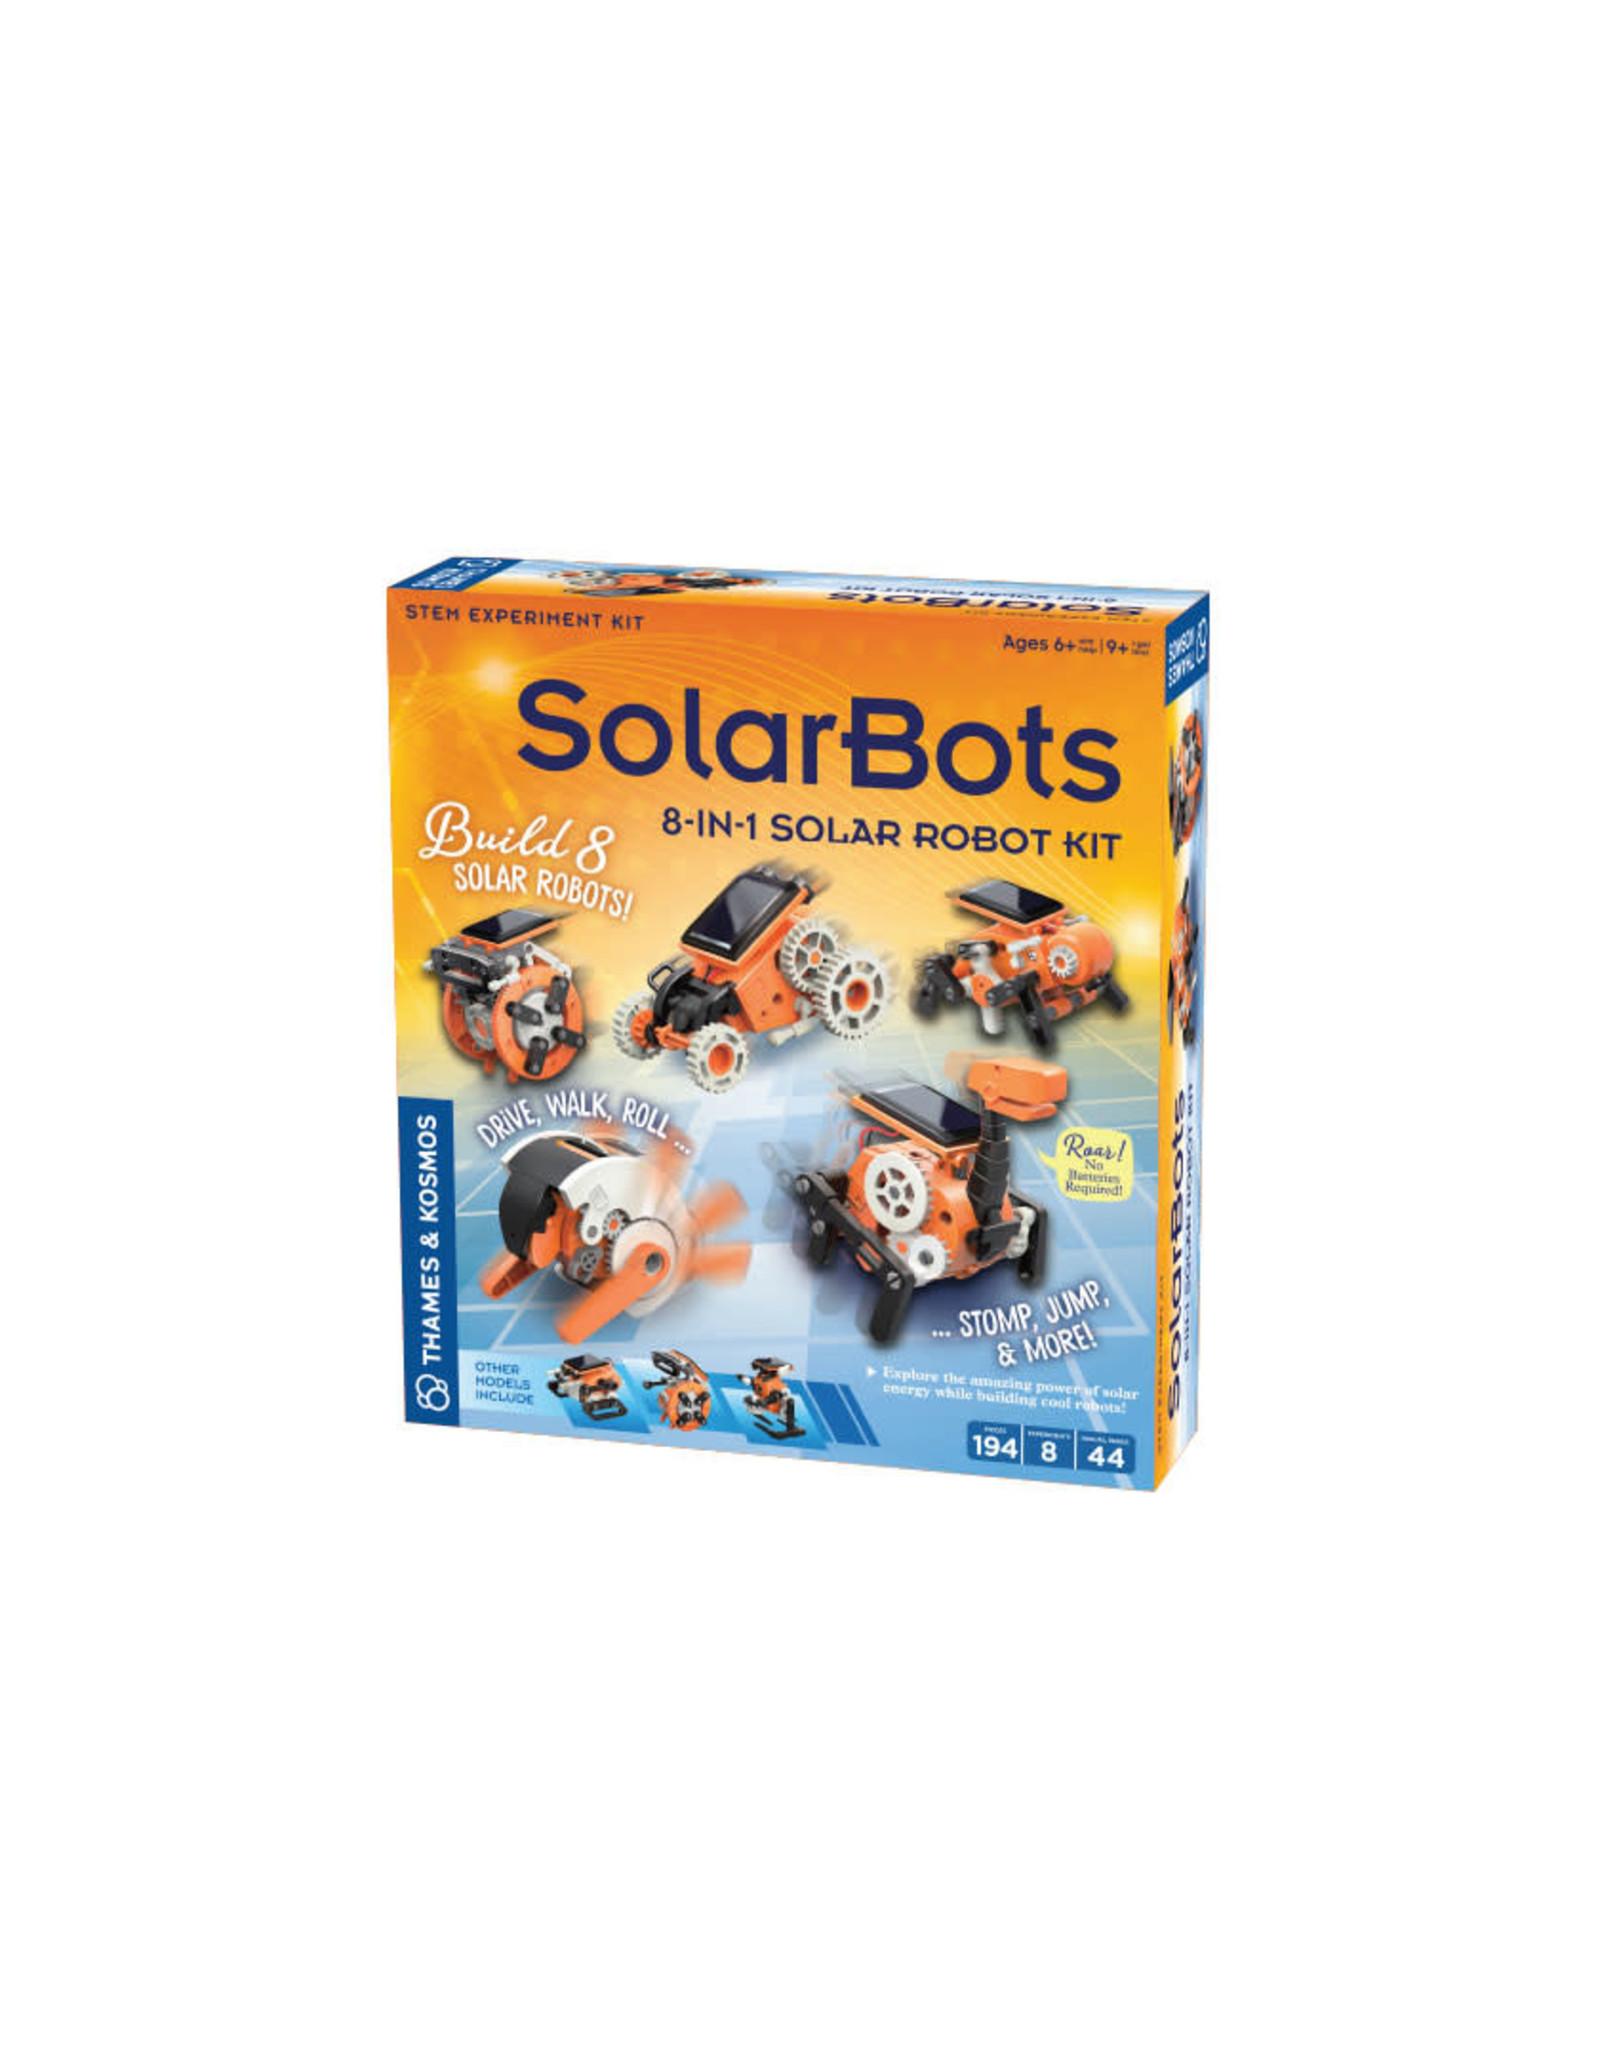 SolarBots: 8-in-1 Solar Robot Kit